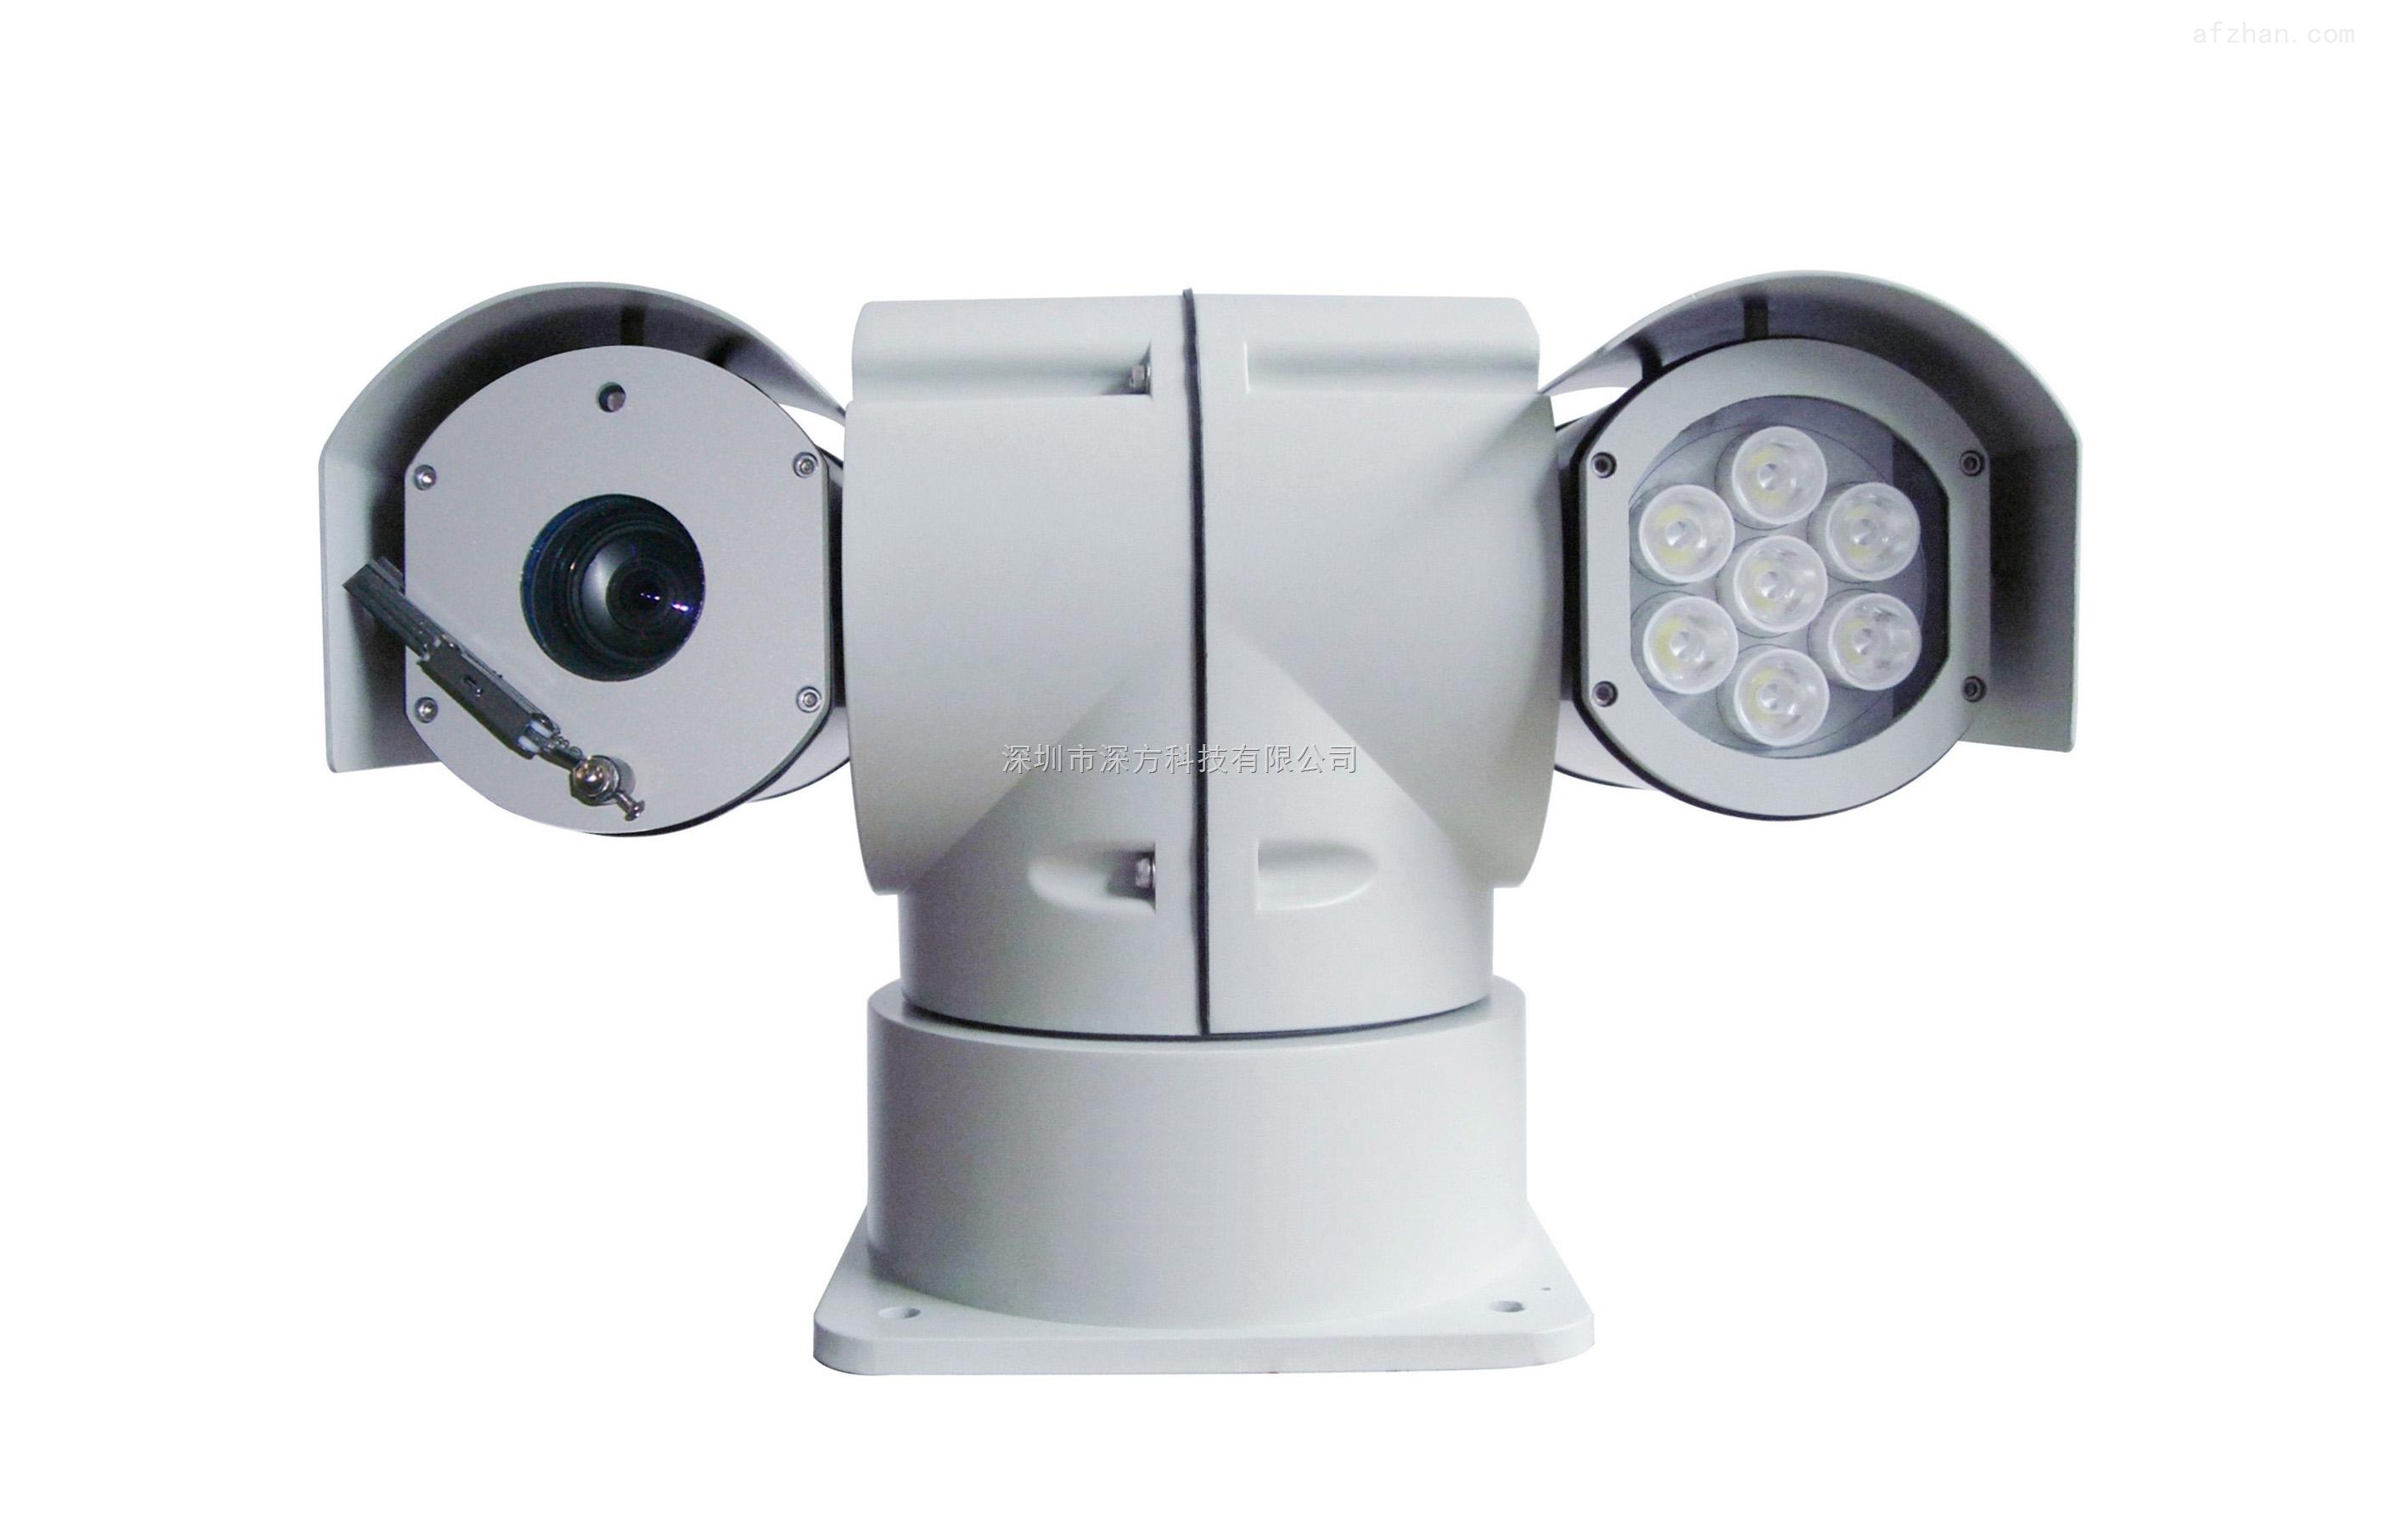 车载无线监控设备,高清云台摄像机,数字高清无线传输方案